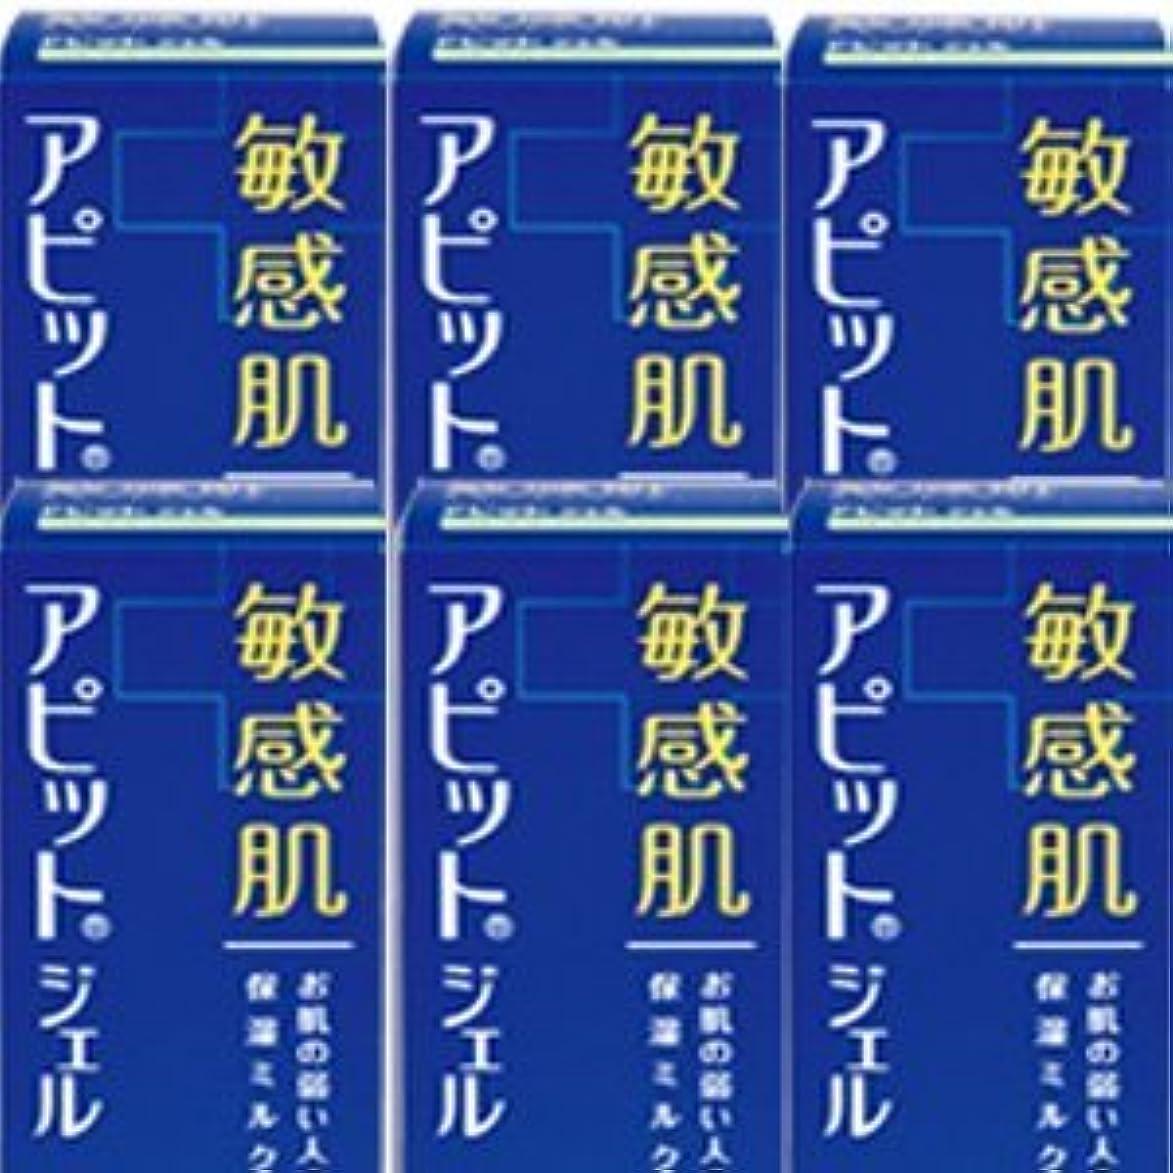 ねじれバウンスレンディション【6個】全薬工業 アピットジェルS 120mlx6個セット (4987305034625)